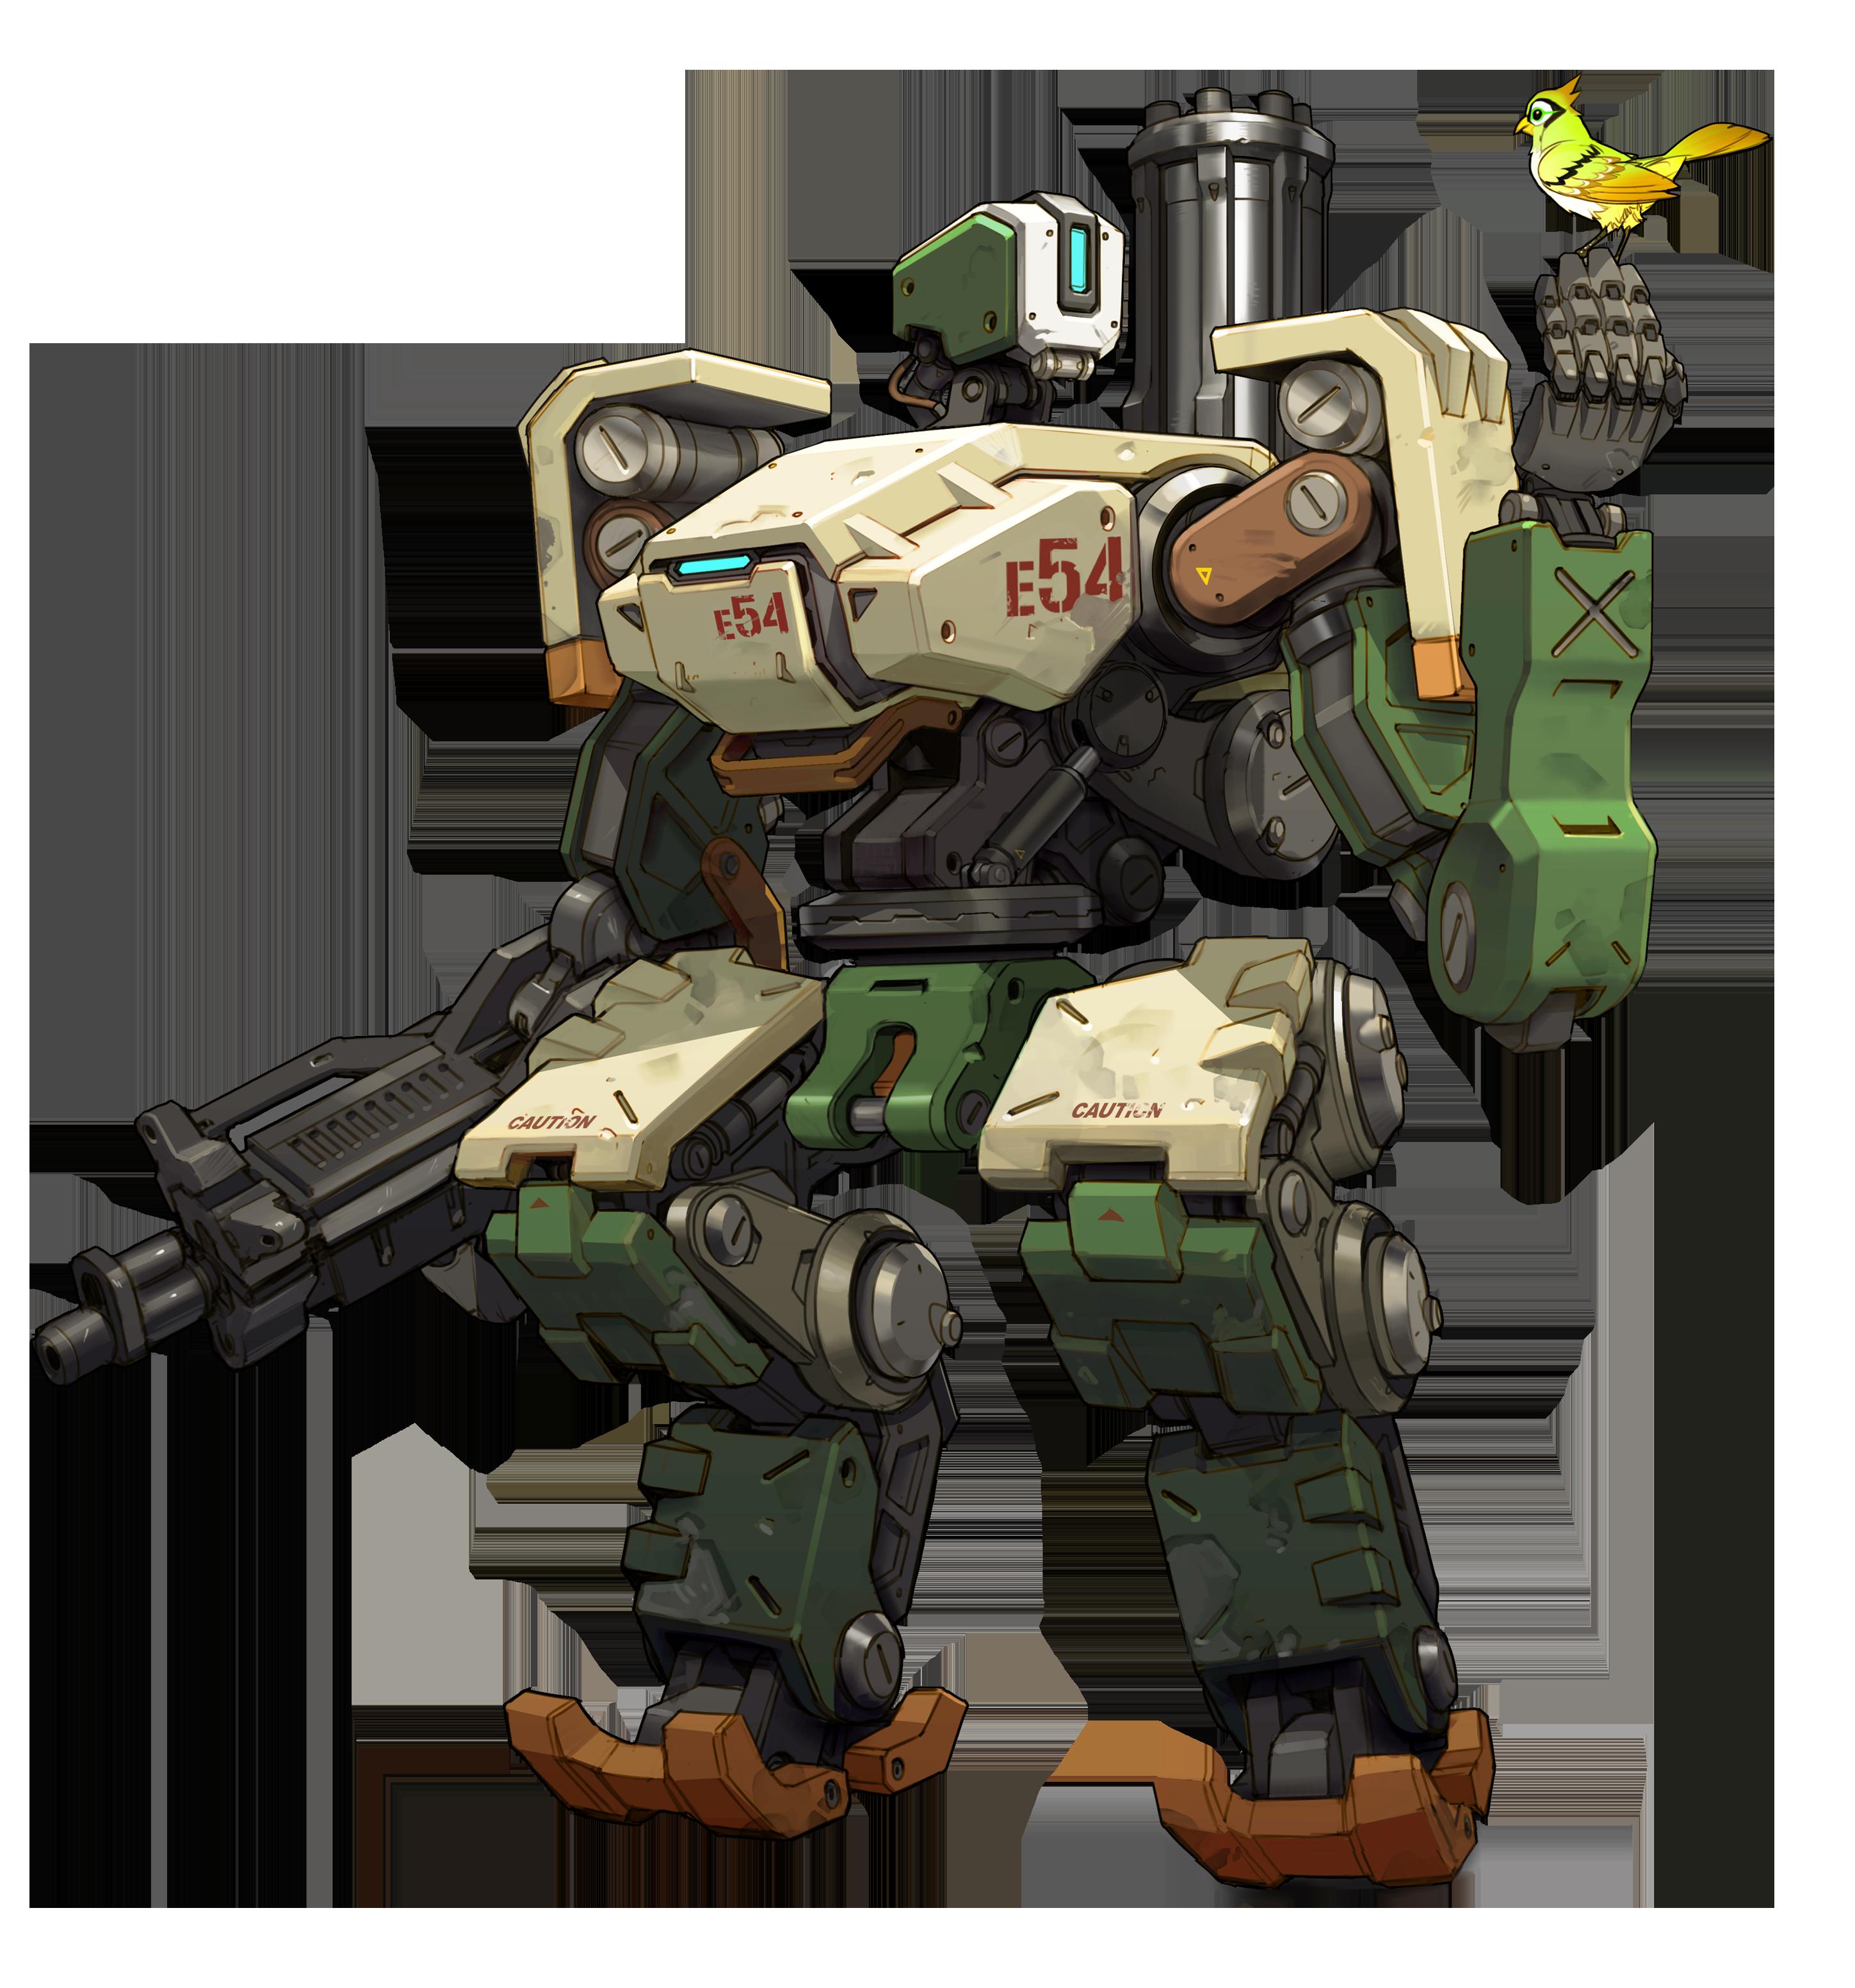 Overwatch Character Art Overwatch Robot Overwatch Bastion Overwatch